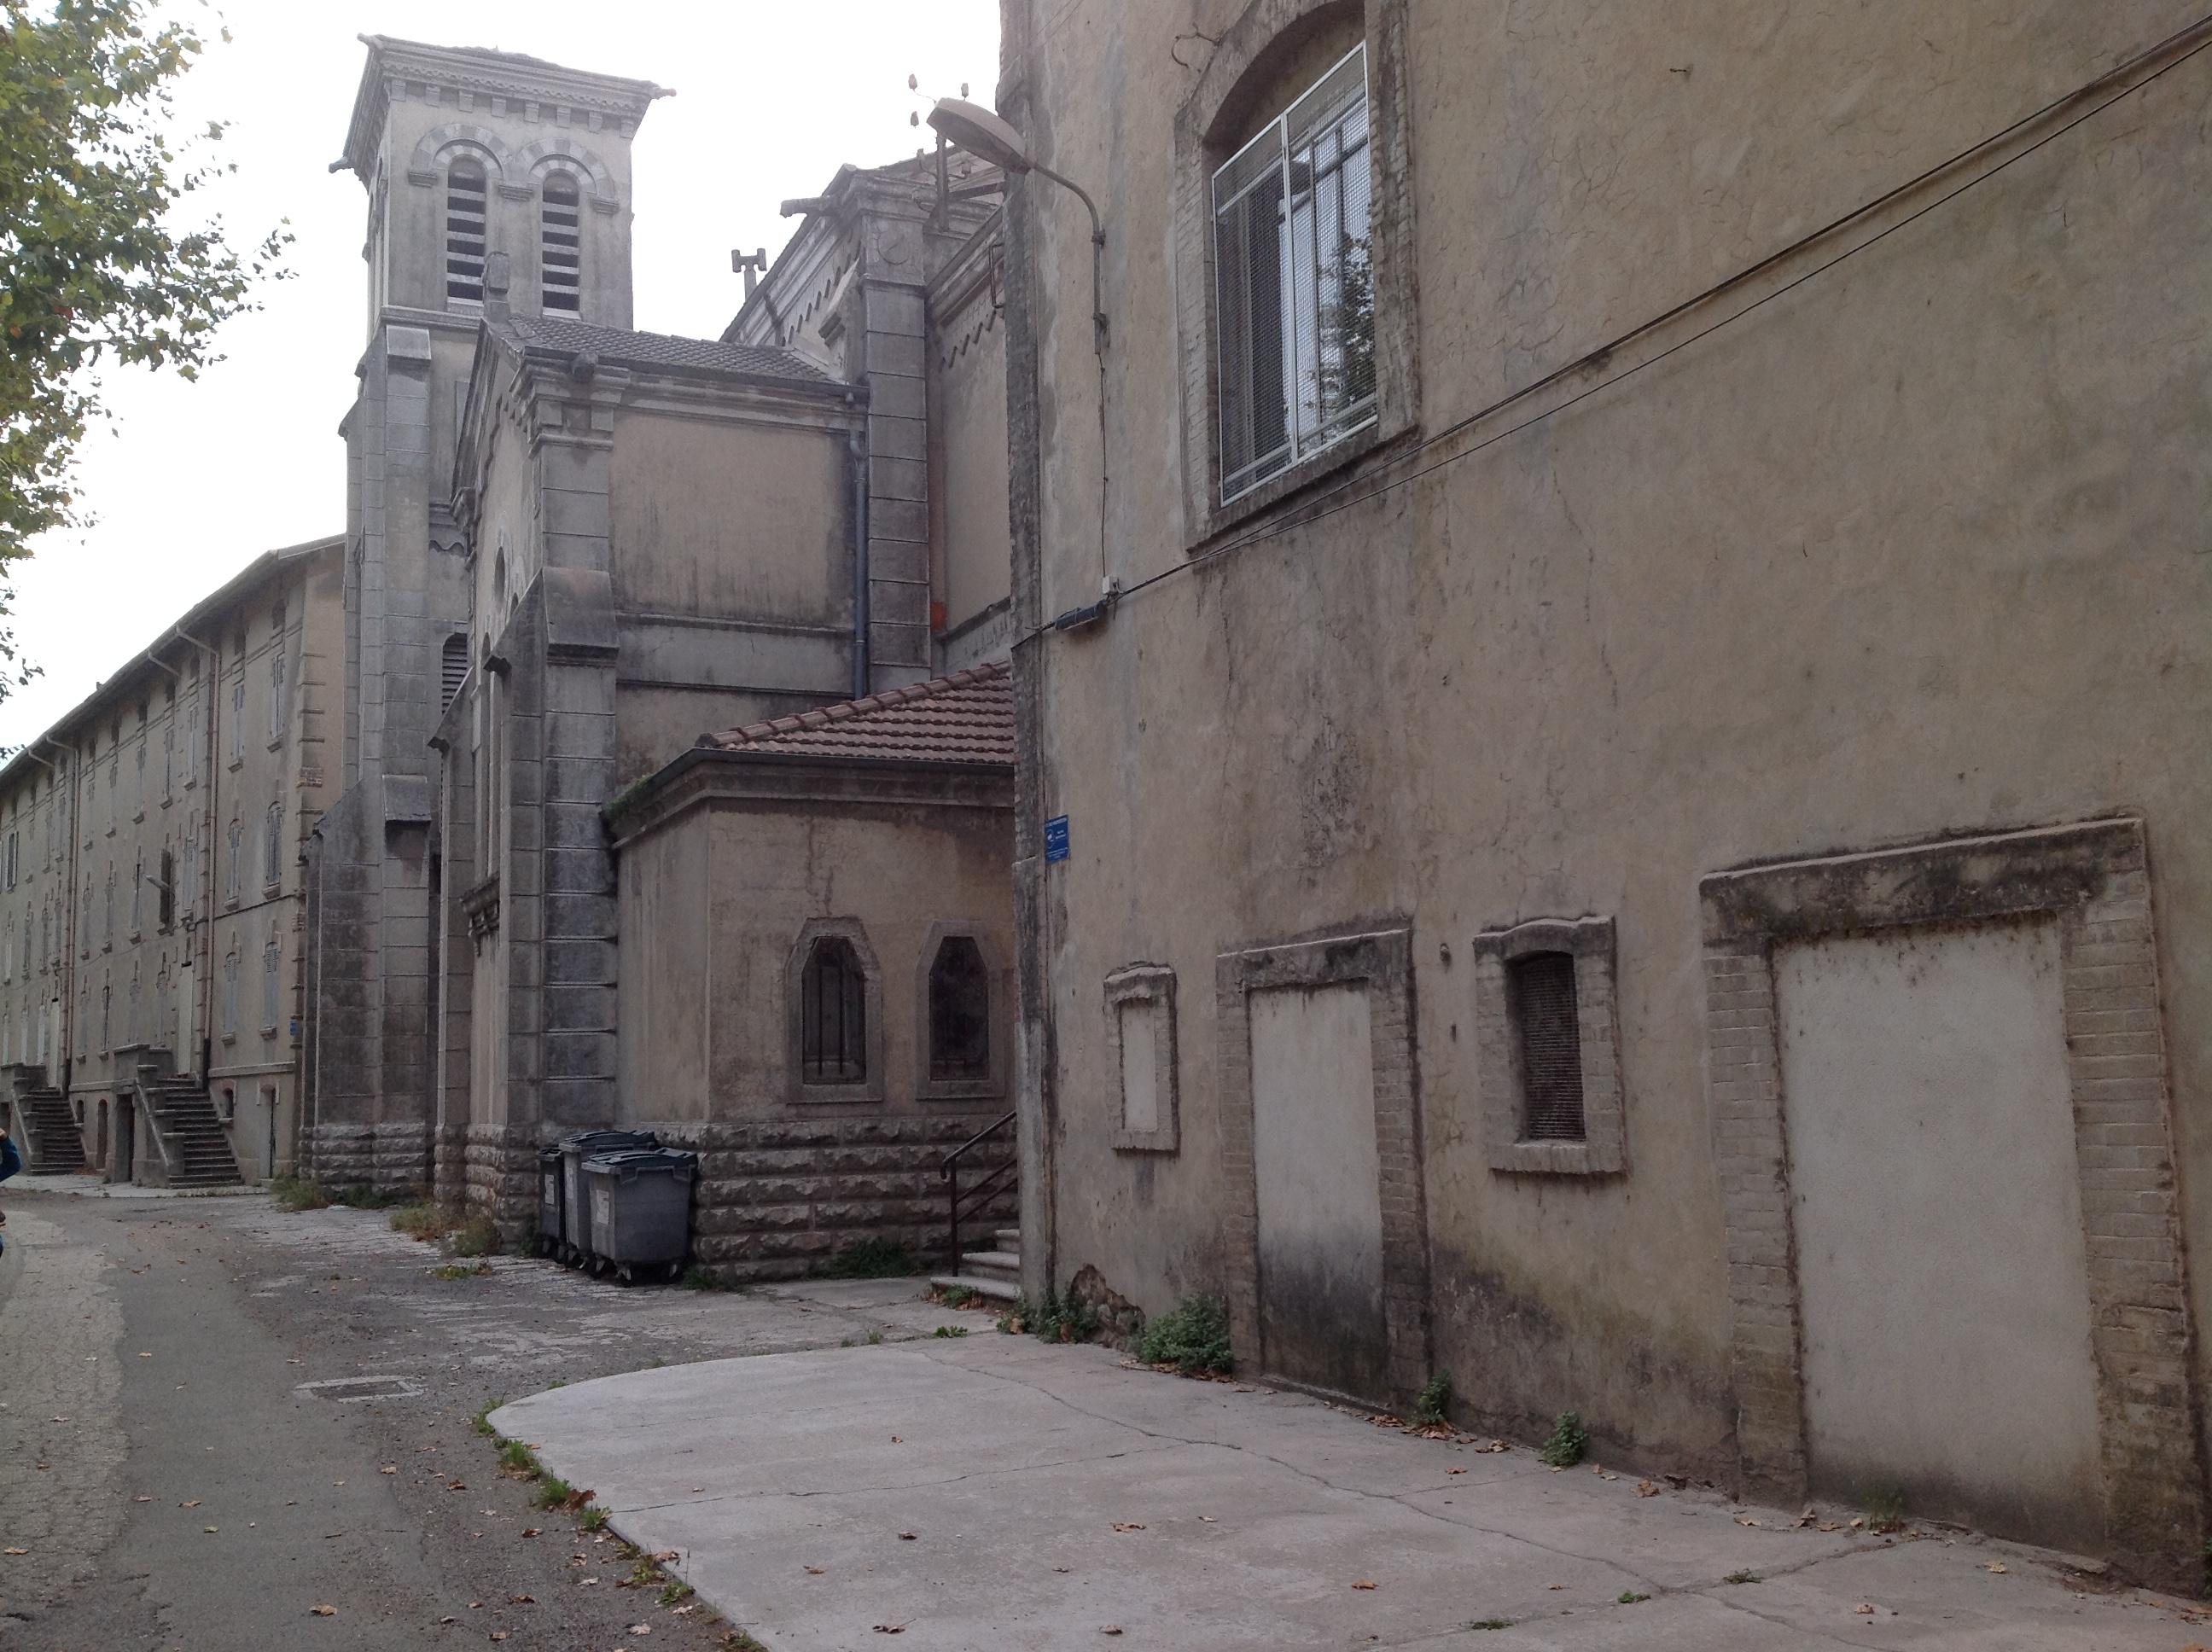 Le 19.10, visite de la Cité Lafarge à Viviers